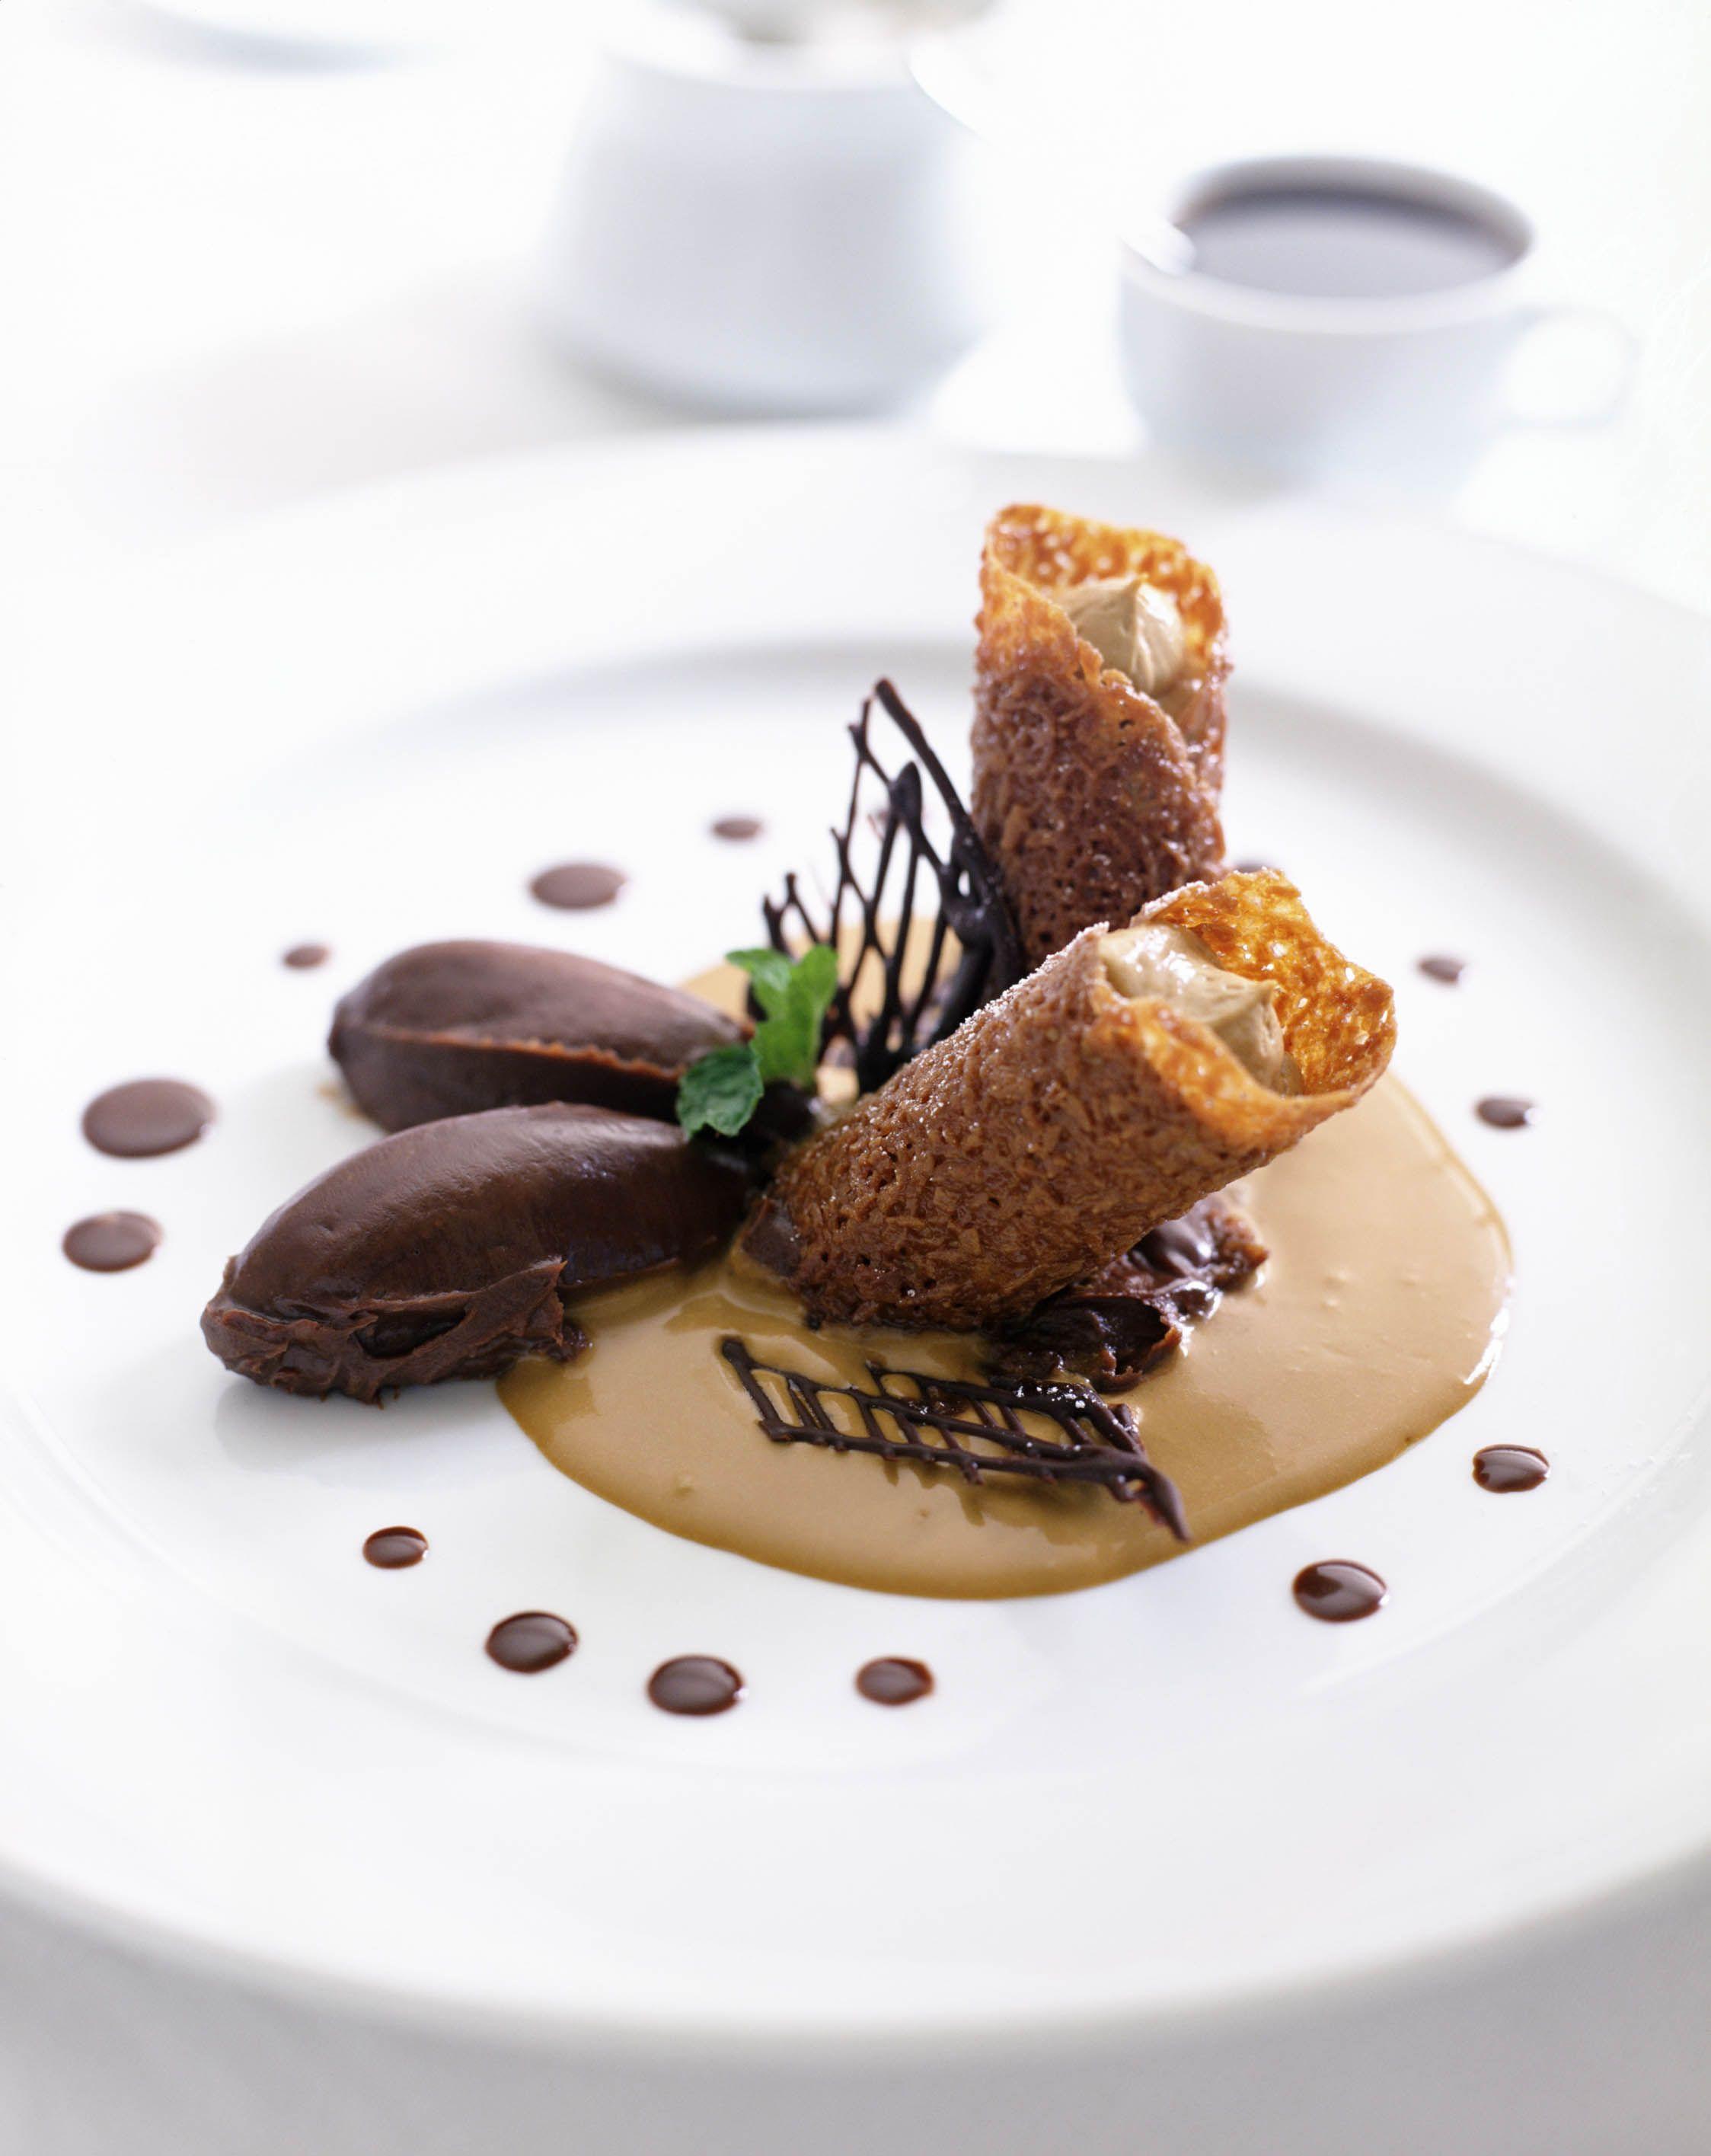 Saber Cocinar Postres | Zurich Marriott Hotel Chocolate Dessert Recetas Pinterest